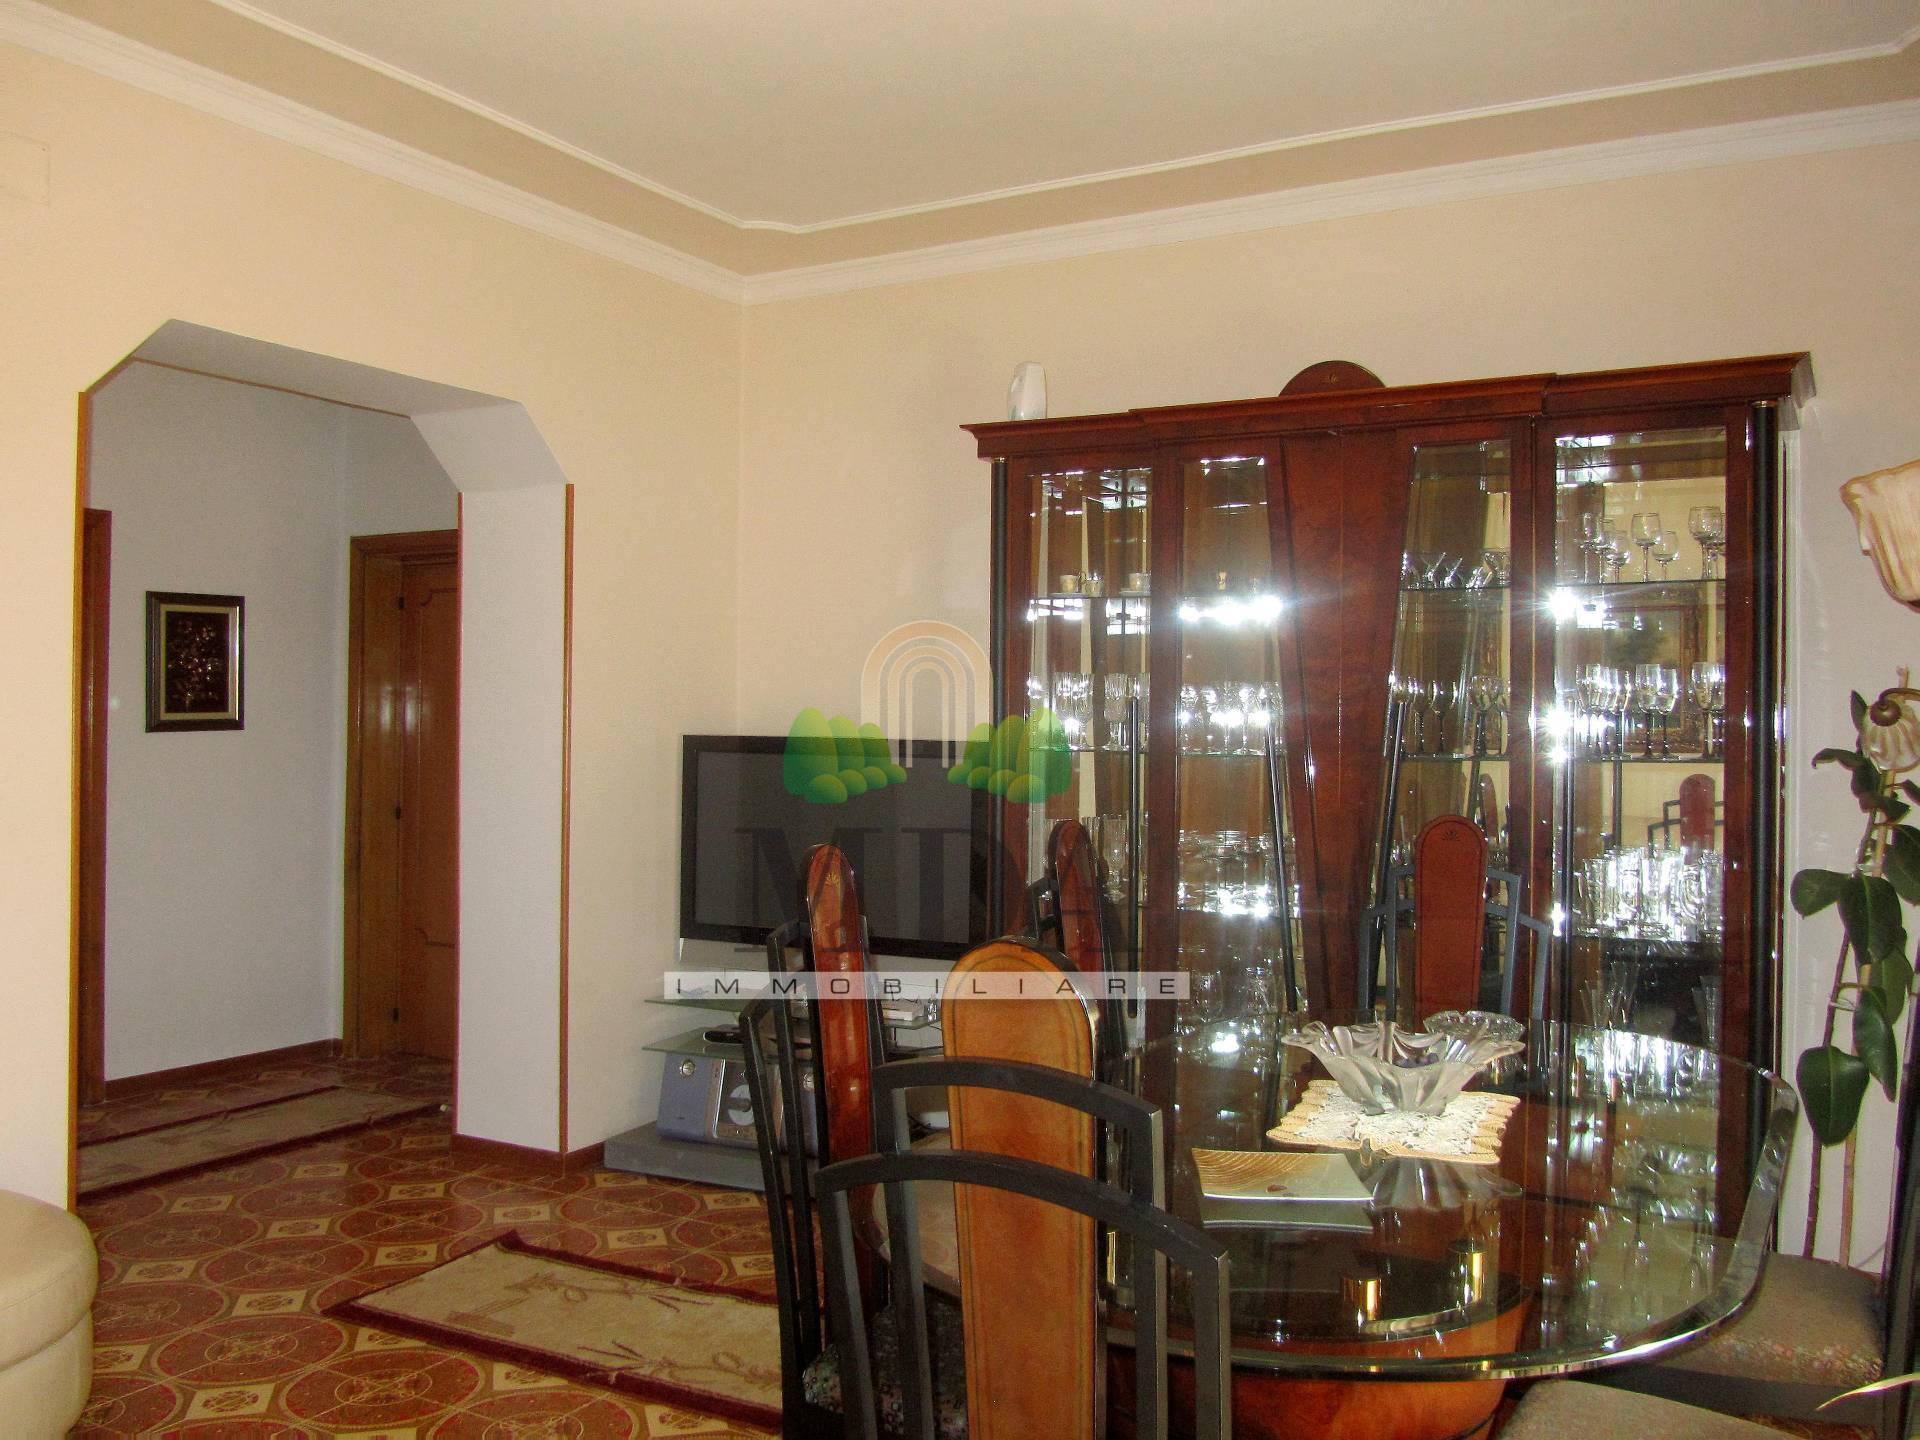 Appartamento in vendita a Colonnella, 4 locali, zona Località: C/daS.Giovanni, prezzo € 95.000 | PortaleAgenzieImmobiliari.it